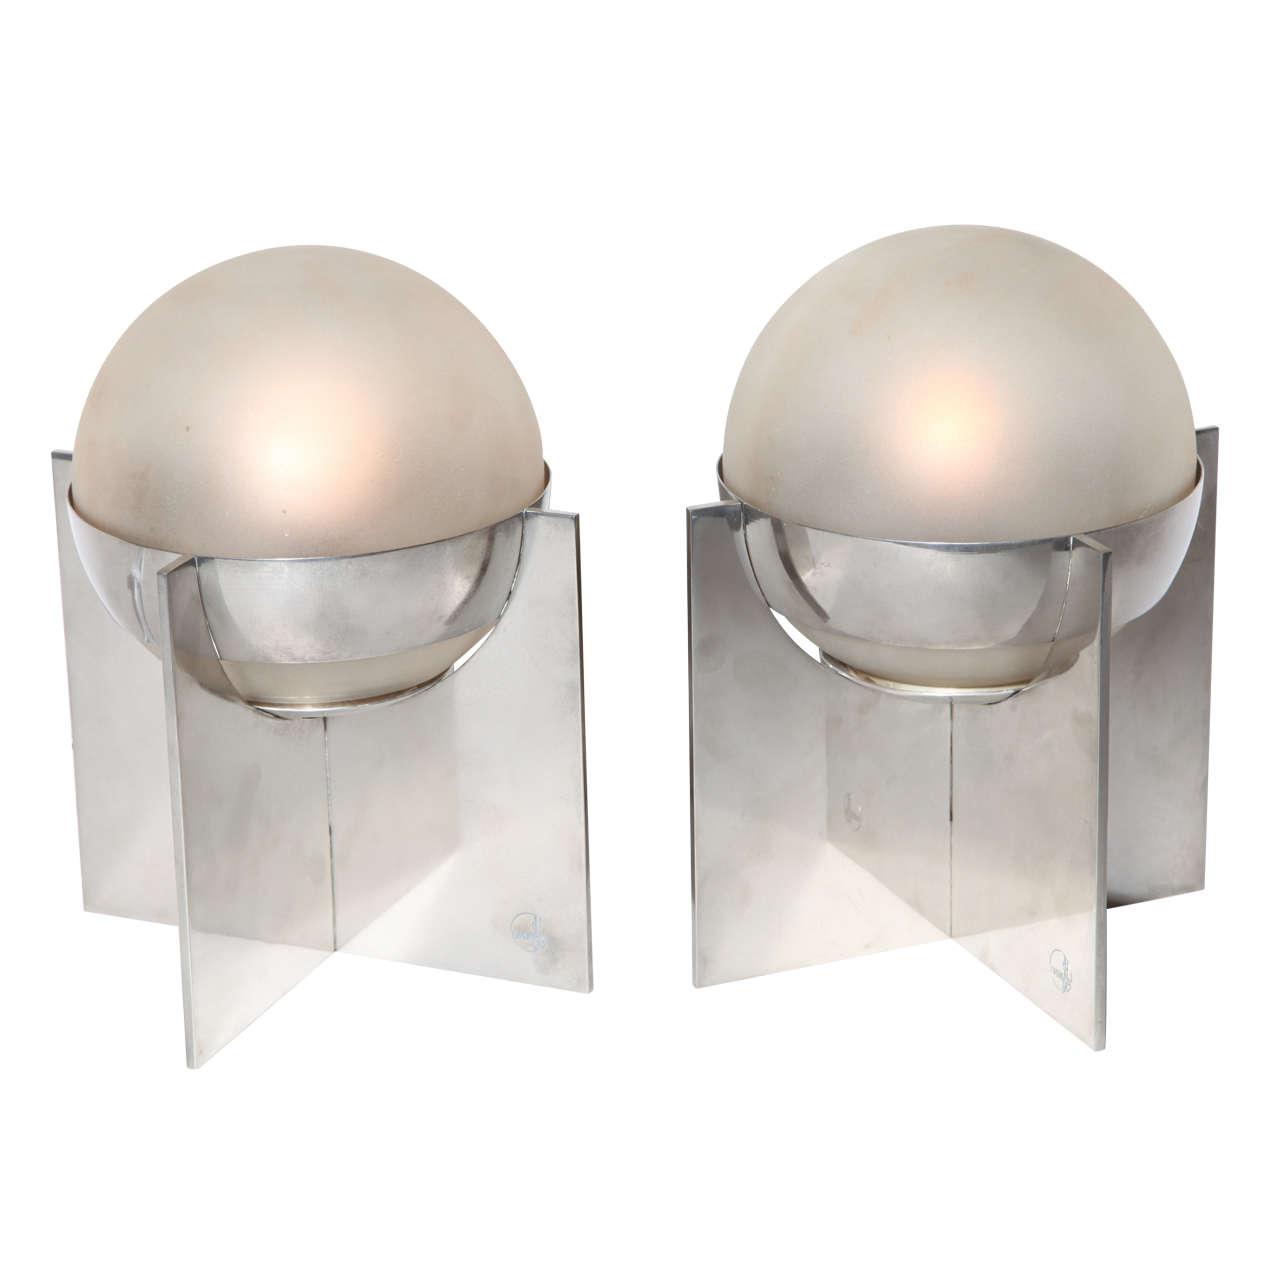 Boris Jean Lacroix Pair of Art Deco Table Lamps